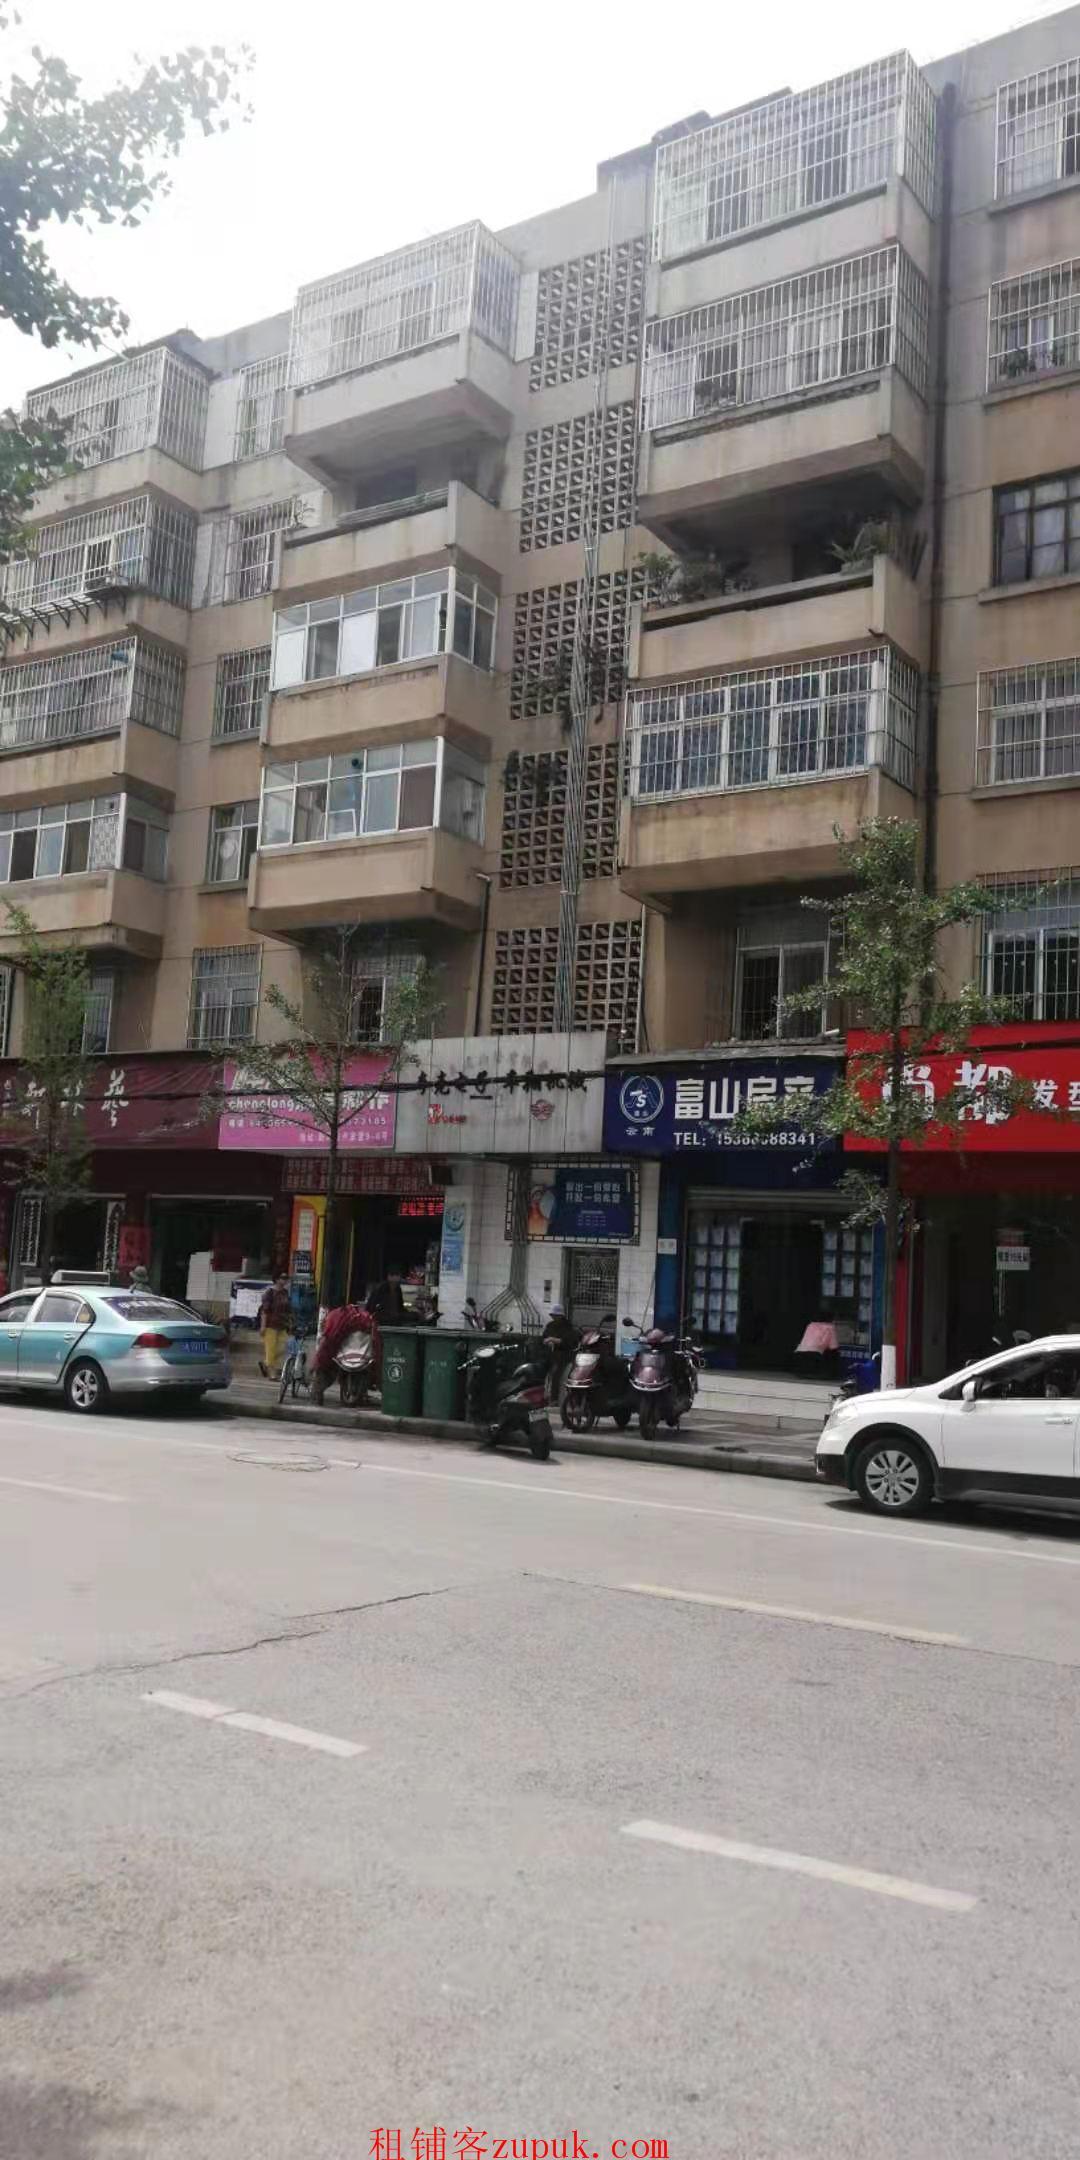 市中心二楼商铺直租